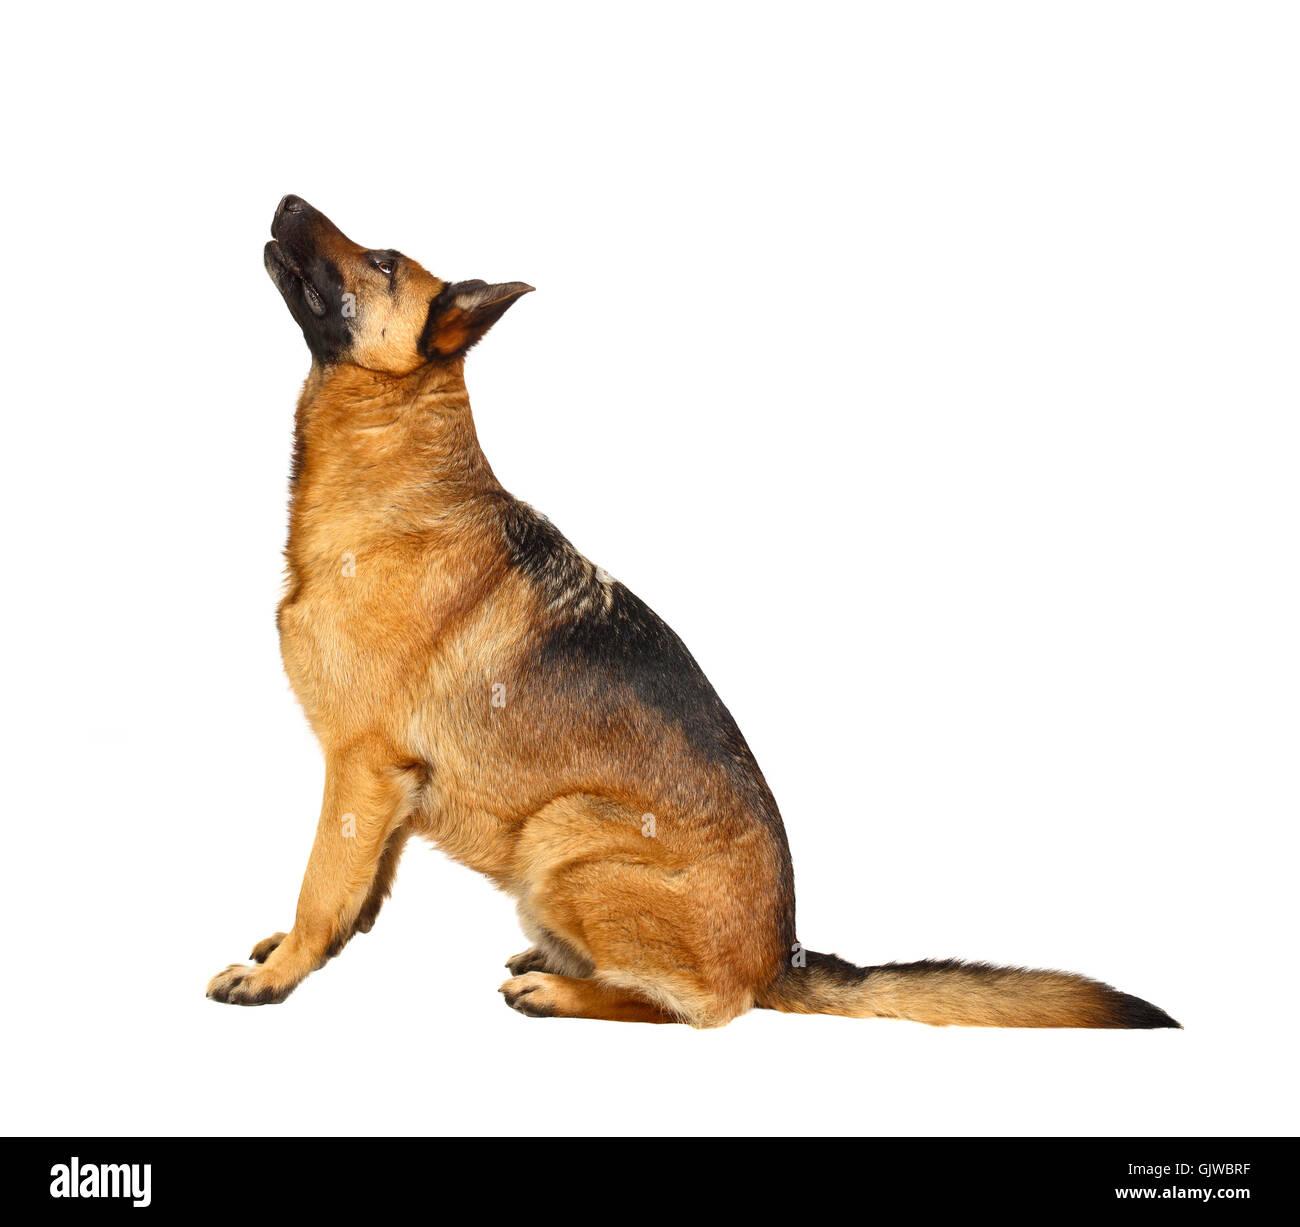 isolated dog homey - Stock Image